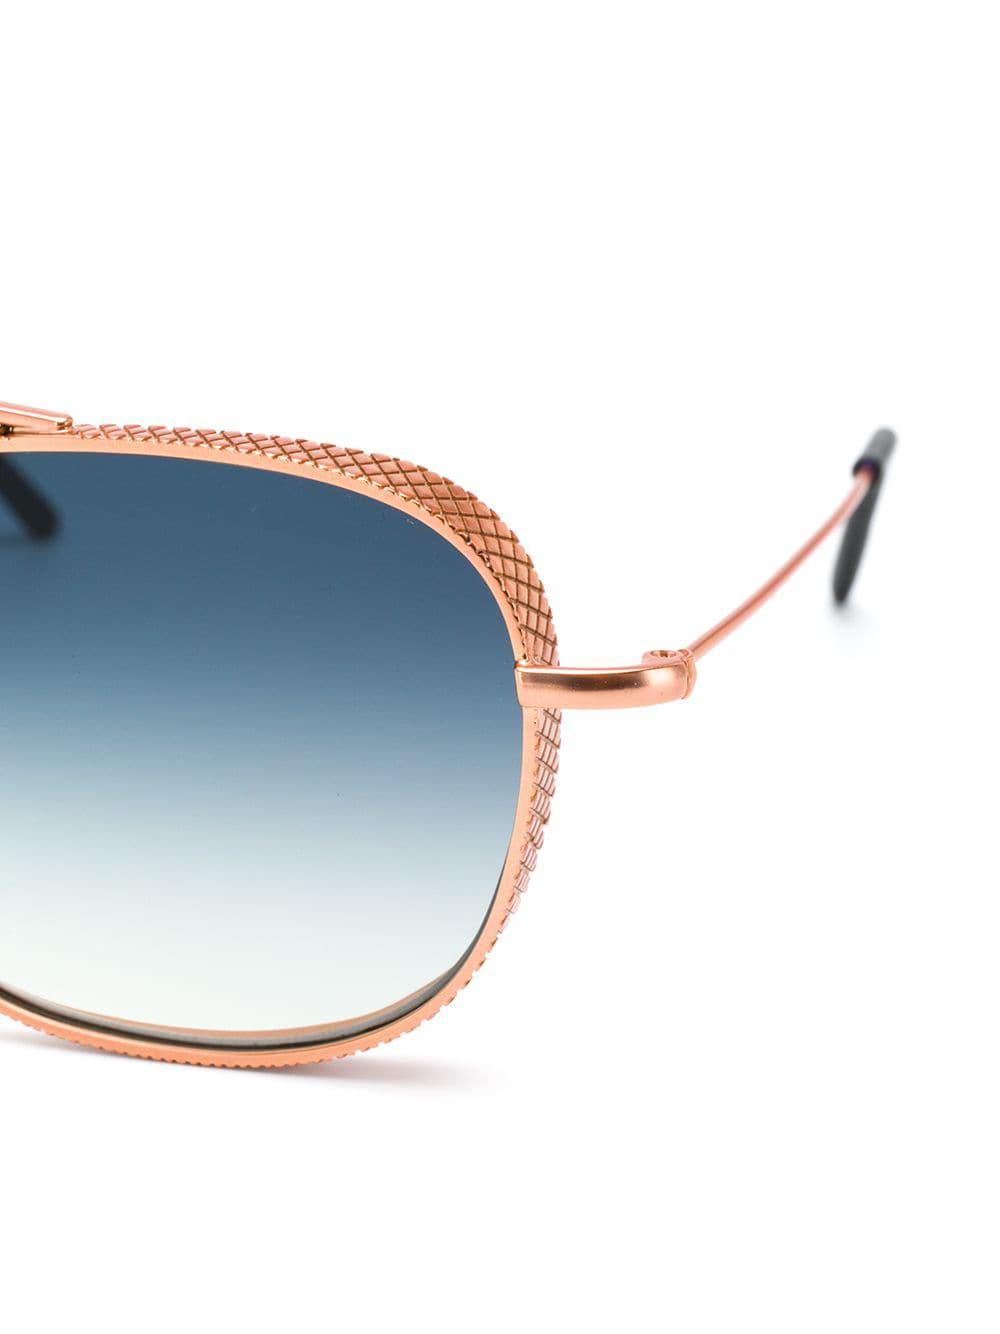 7d7097c3ece Lgr Alagi Sunglasses in Metallic - Lyst